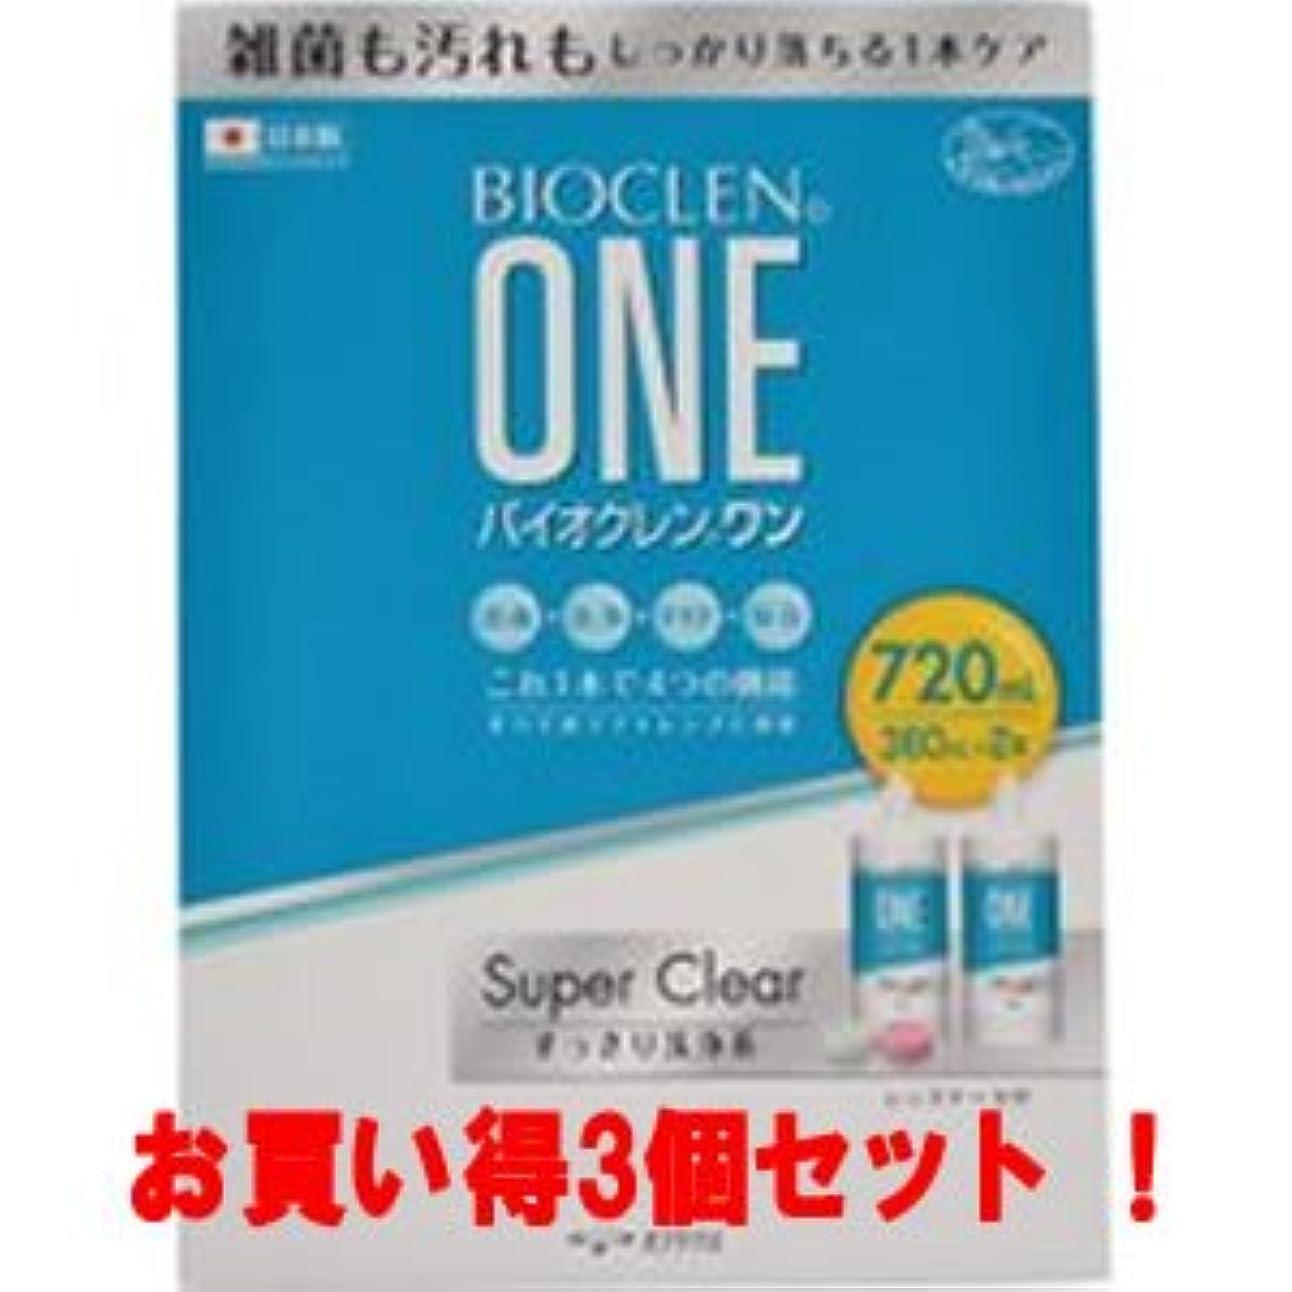 人生を作るオーバーヘッドファンド(お買い得3個セット)オフテクス バイオクレン ワン スーパークリア 360ml×2本(医薬部外品)